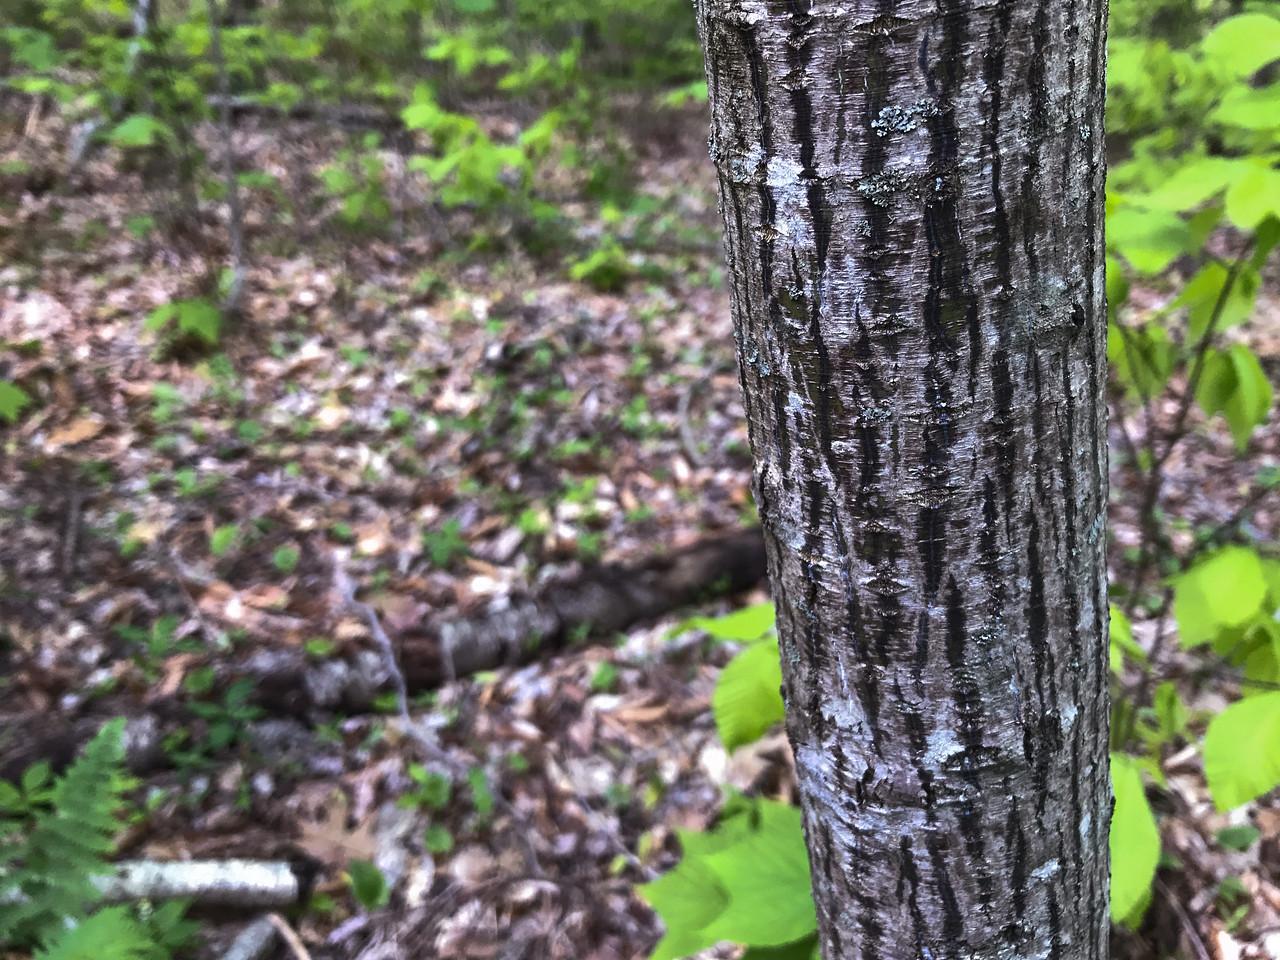 Striped maple